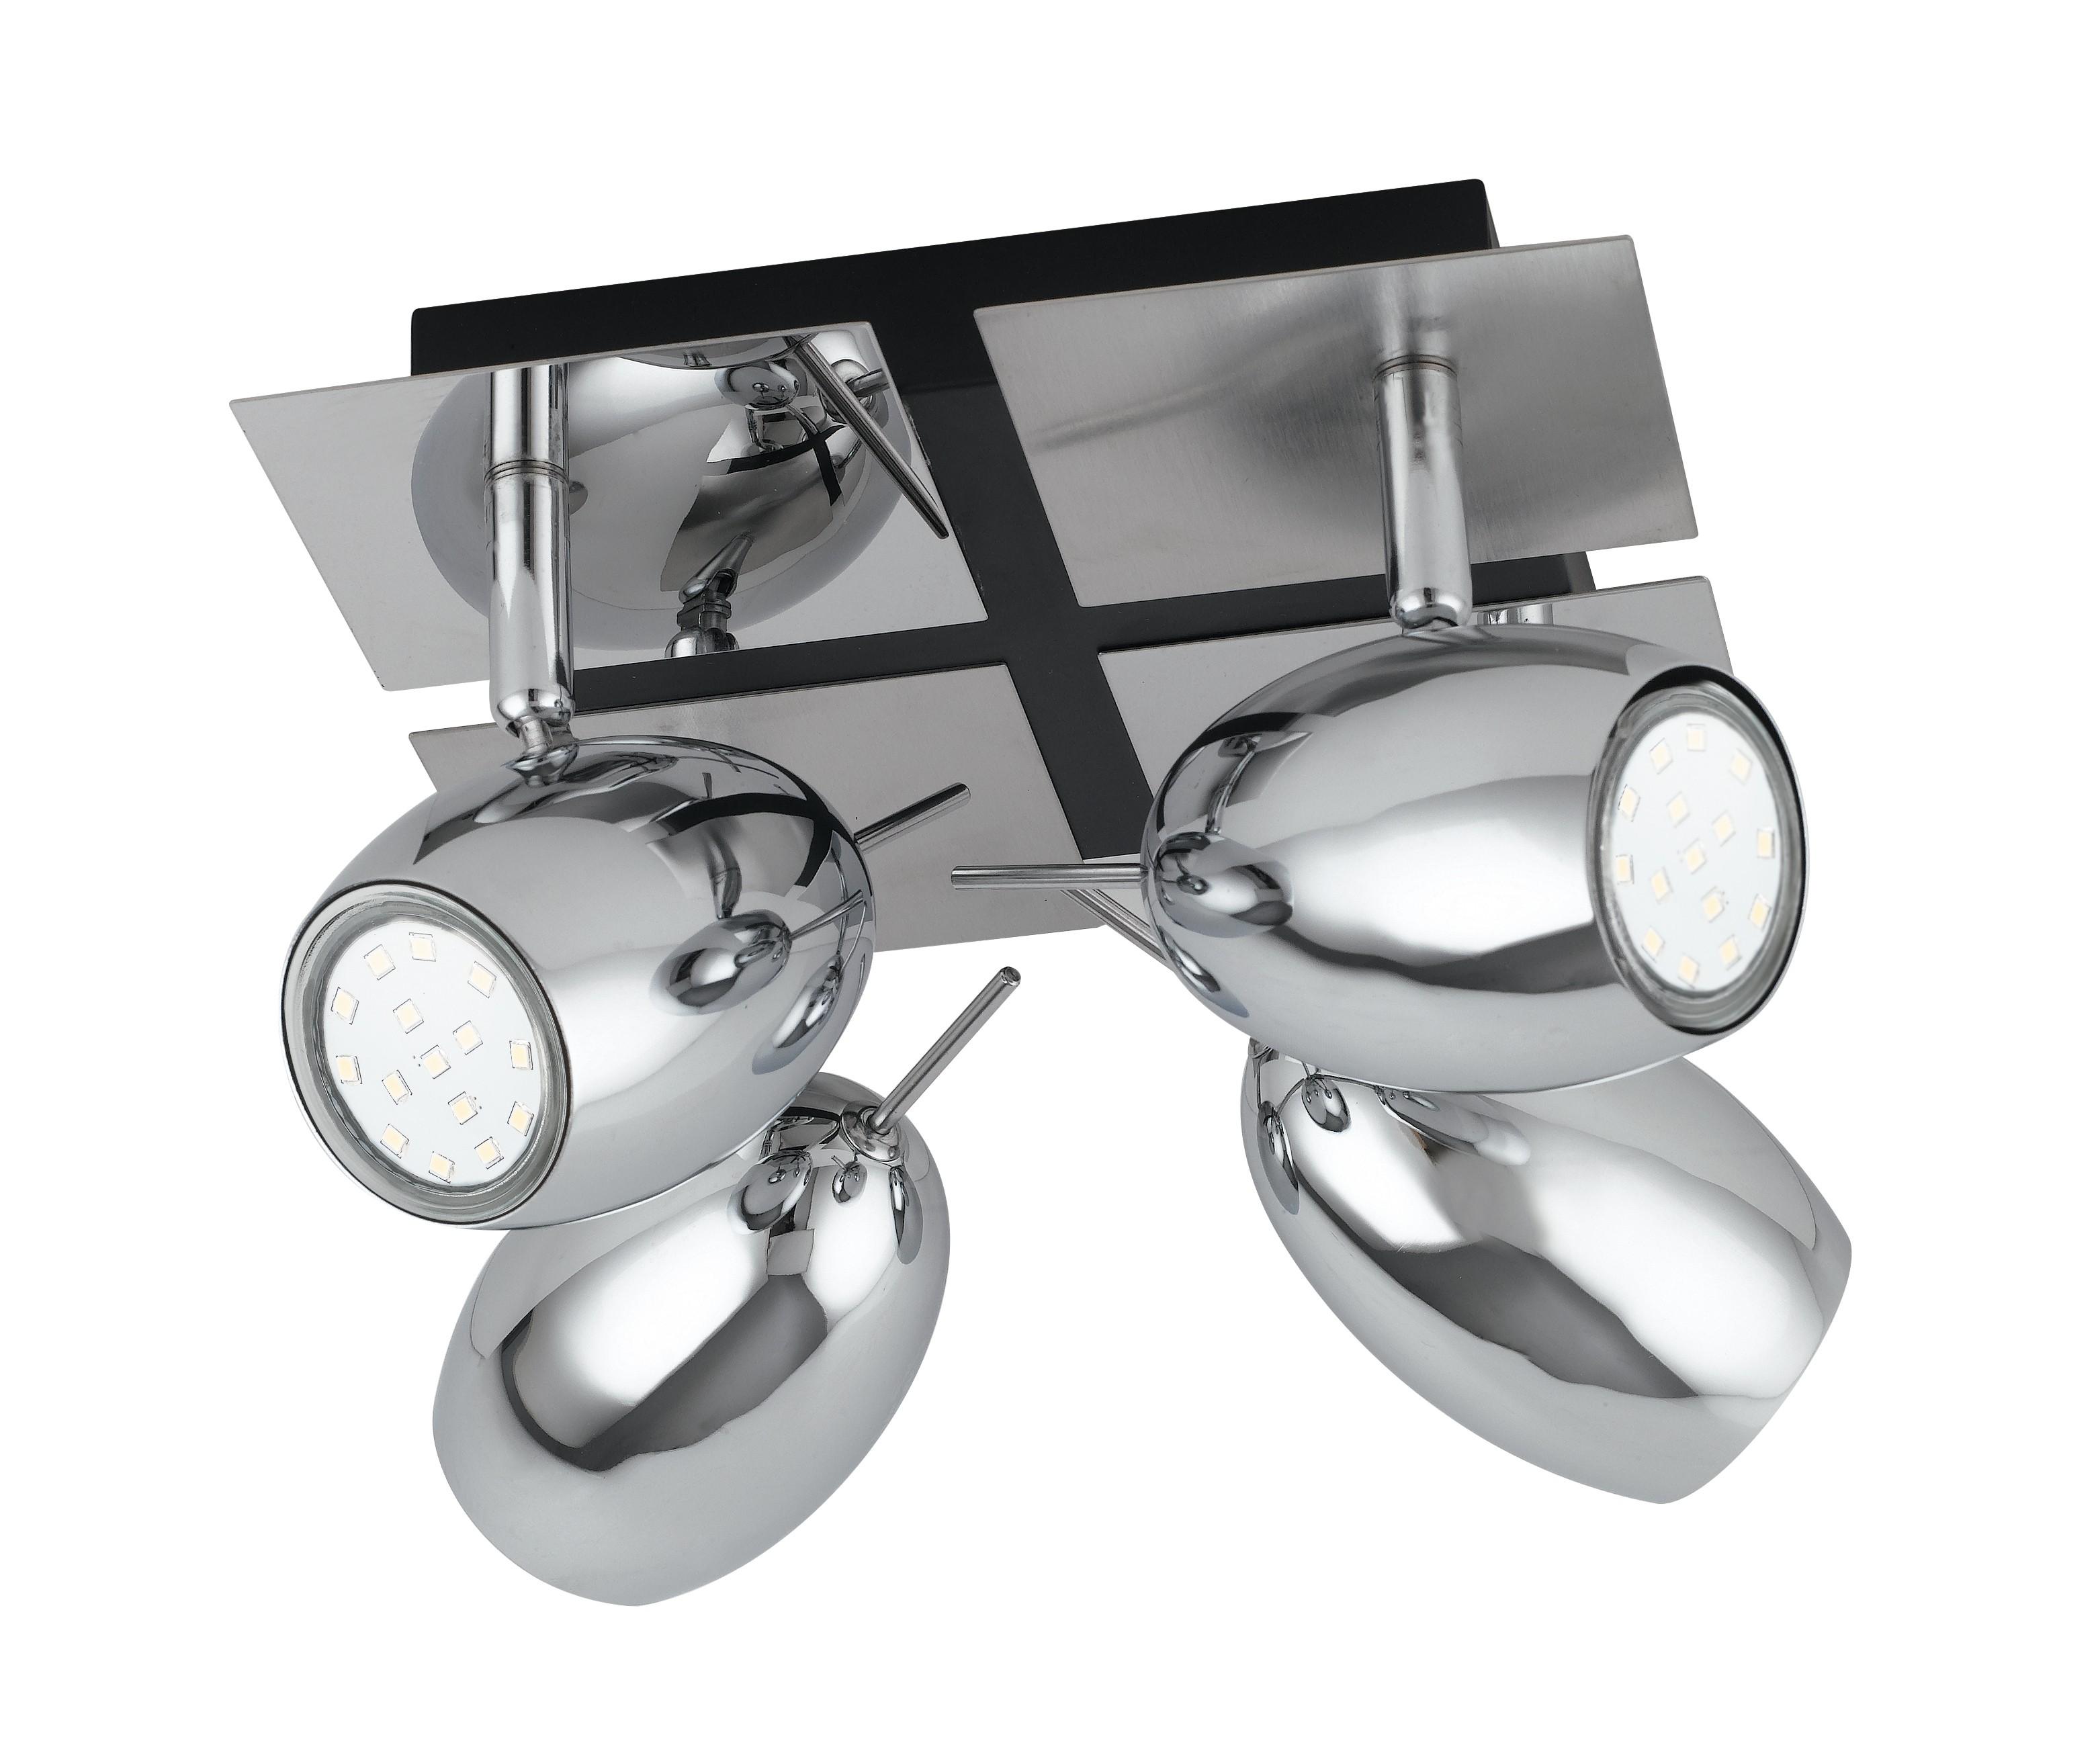 Plafoniere Con Spot : Spot madrid pl plafoniera dal design moderno cromata a quattro